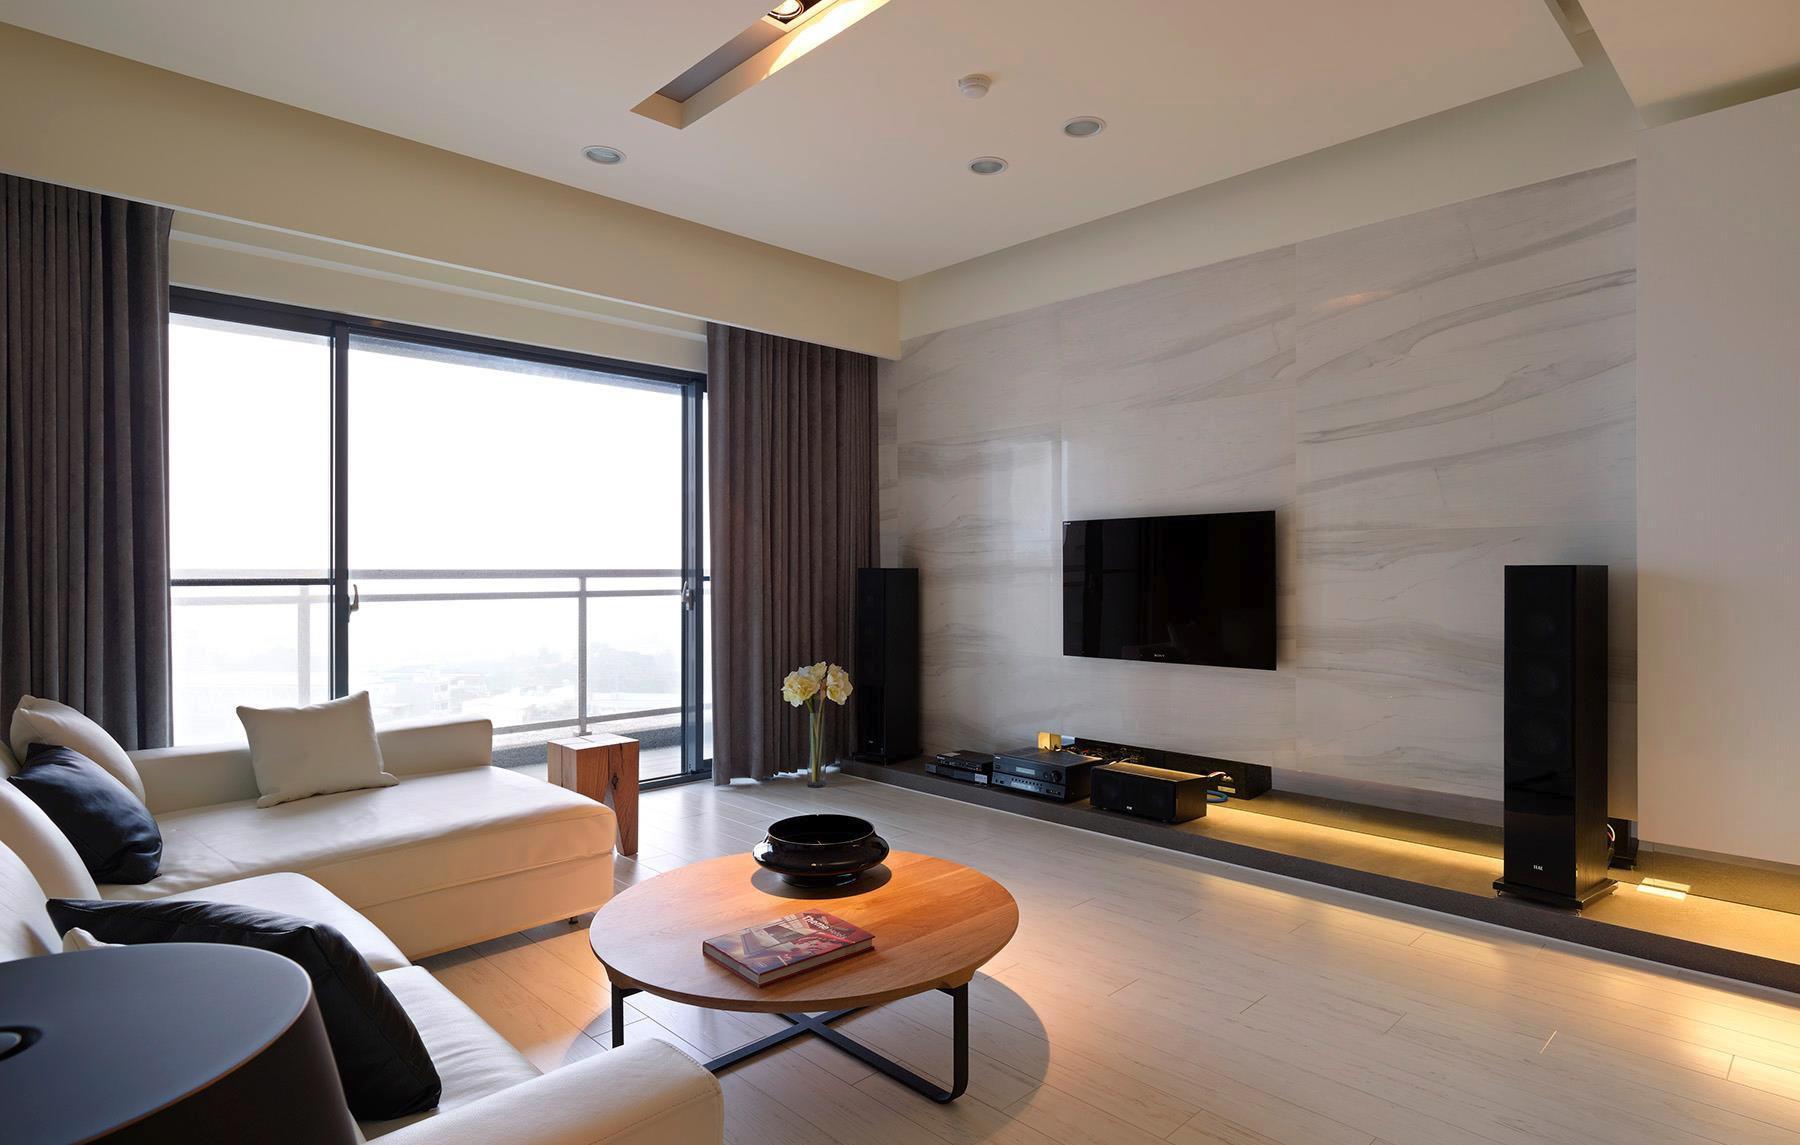 家装客厅瓷砖电视机背景墙效果图